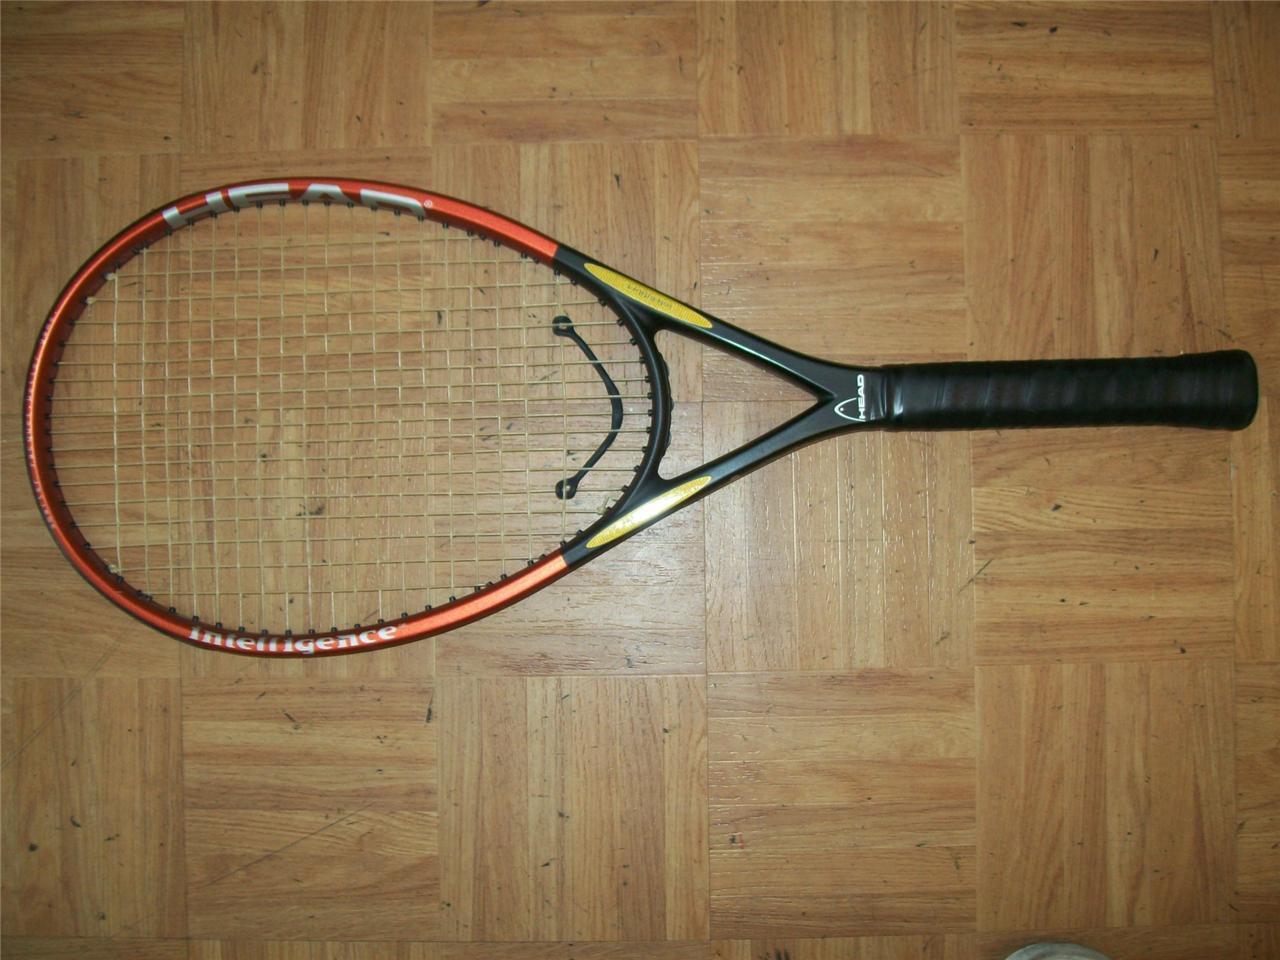 Cabeza I. S1 OverTalla 4 3 8 Grip Tenis Raqueta   autorización